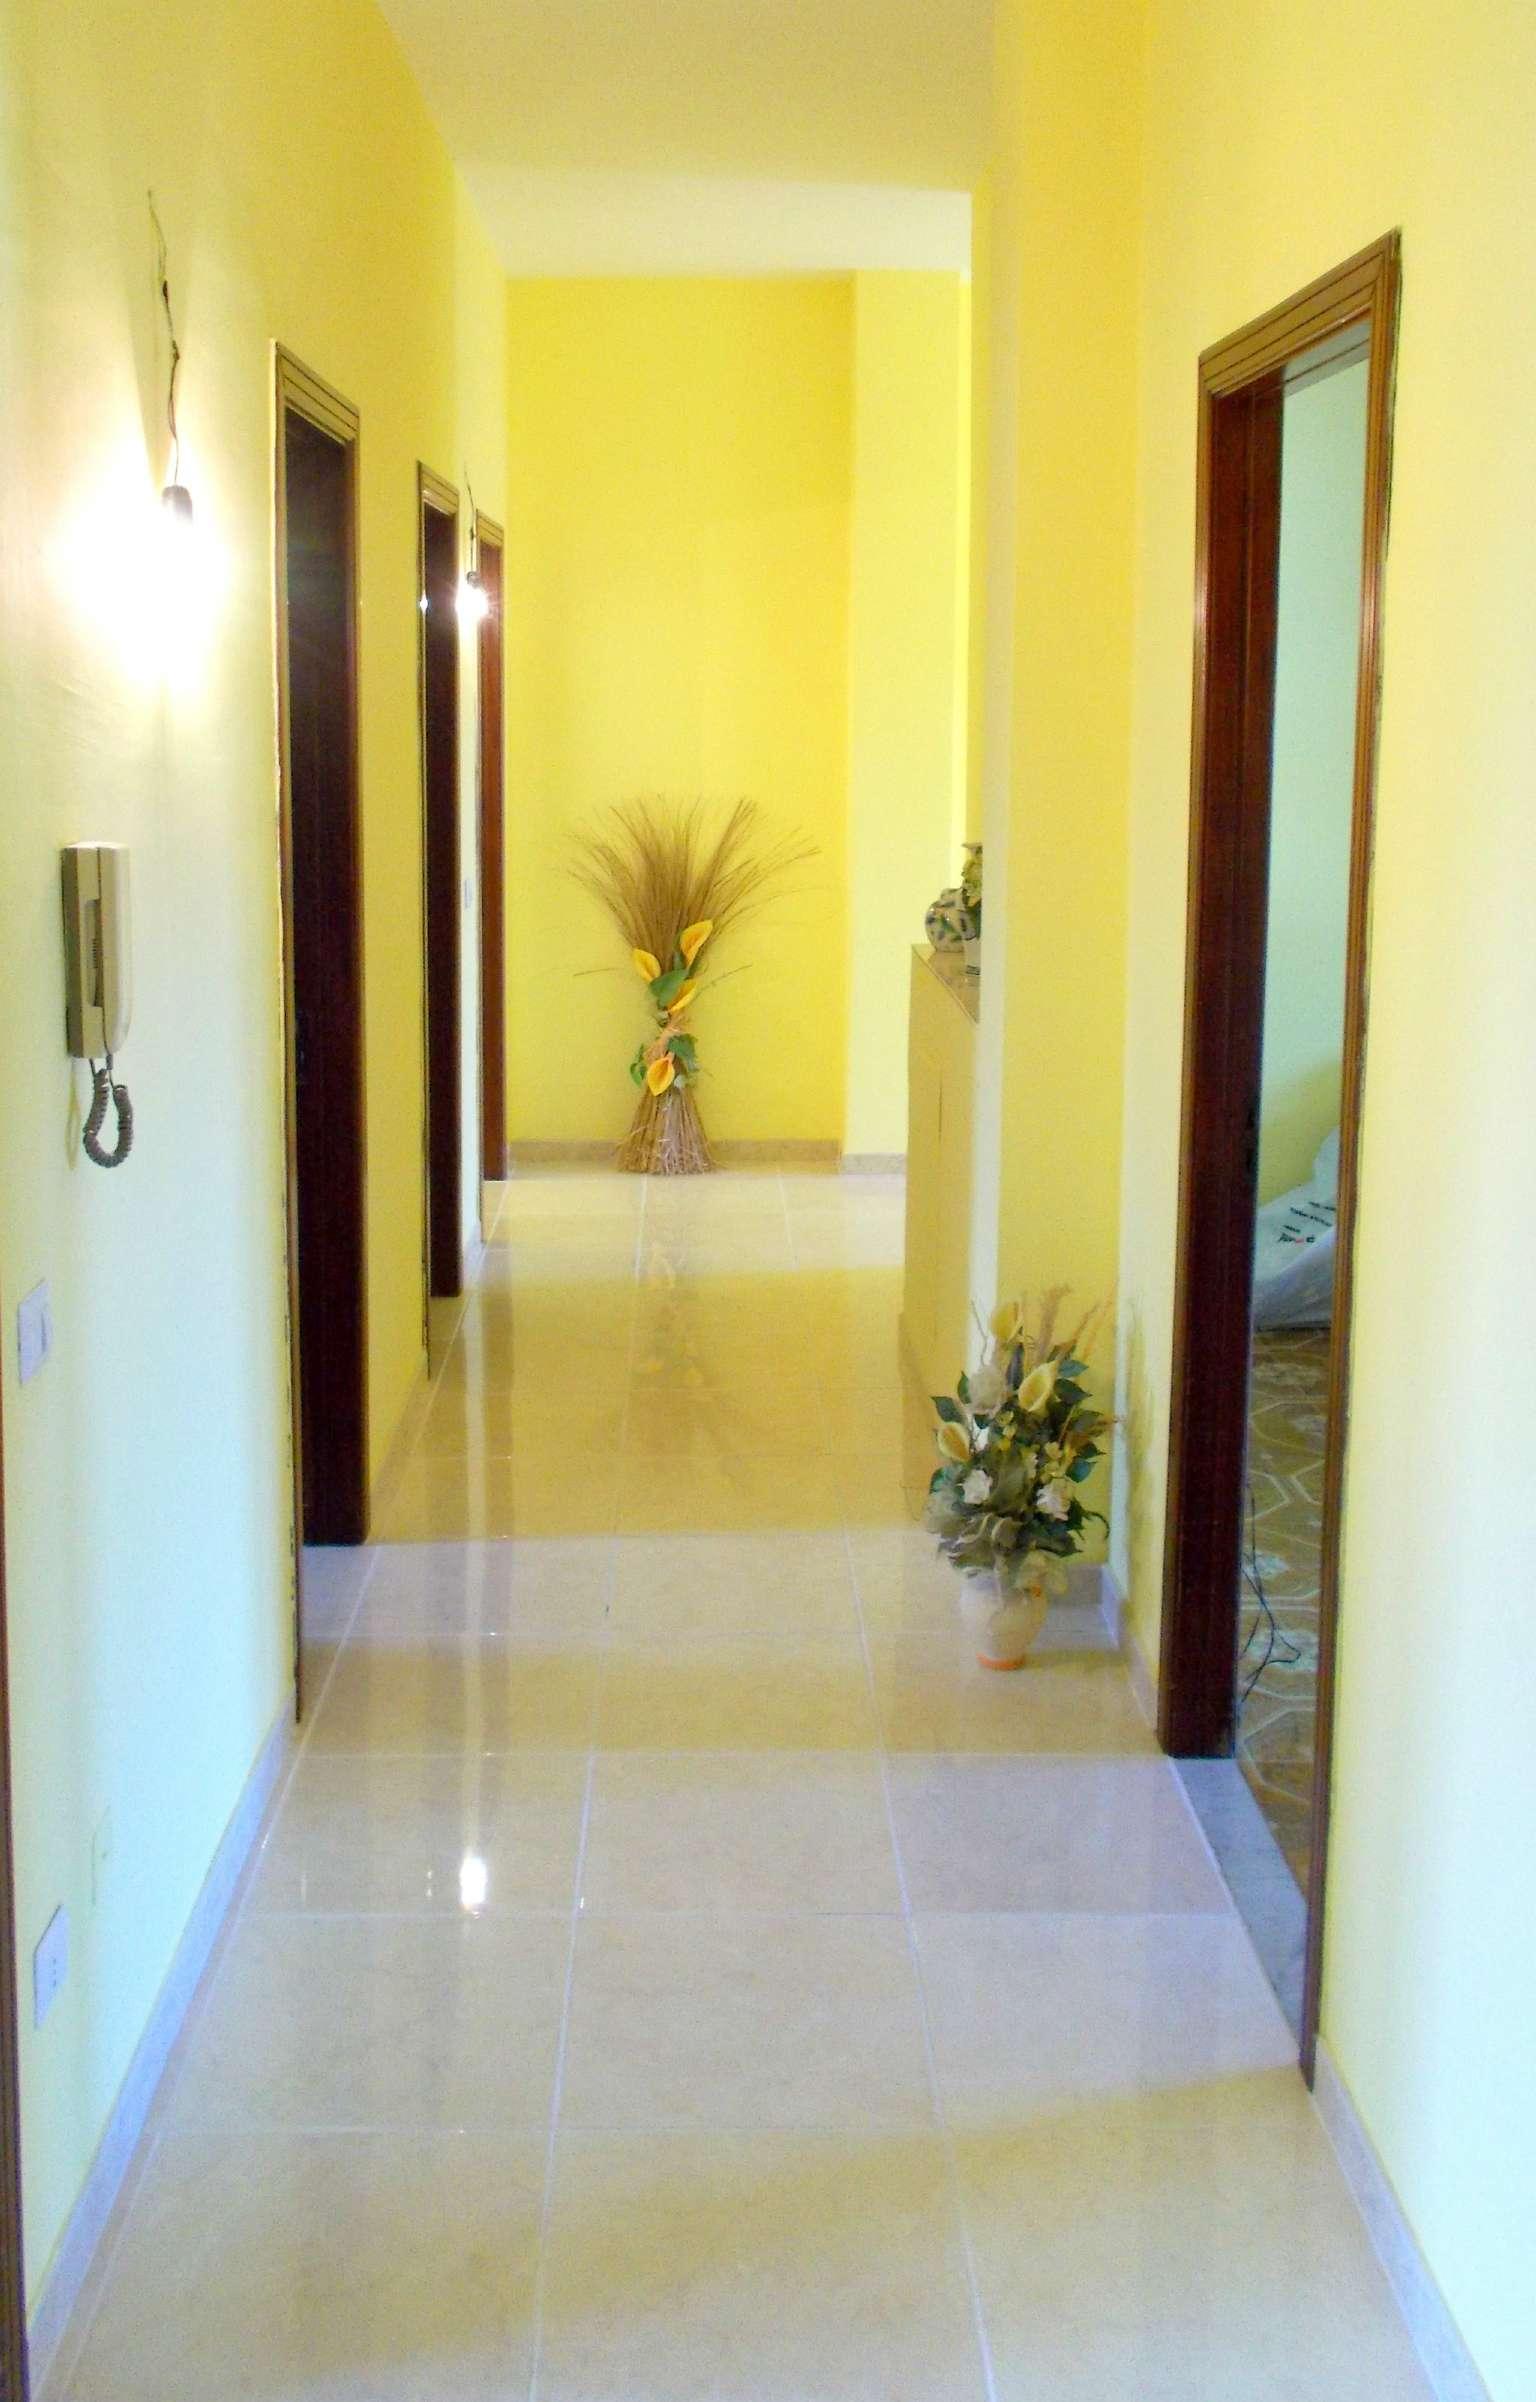 Appartamento in vendita a Santa Maria a Vico, 6 locali, prezzo € 75.000 | CambioCasa.it